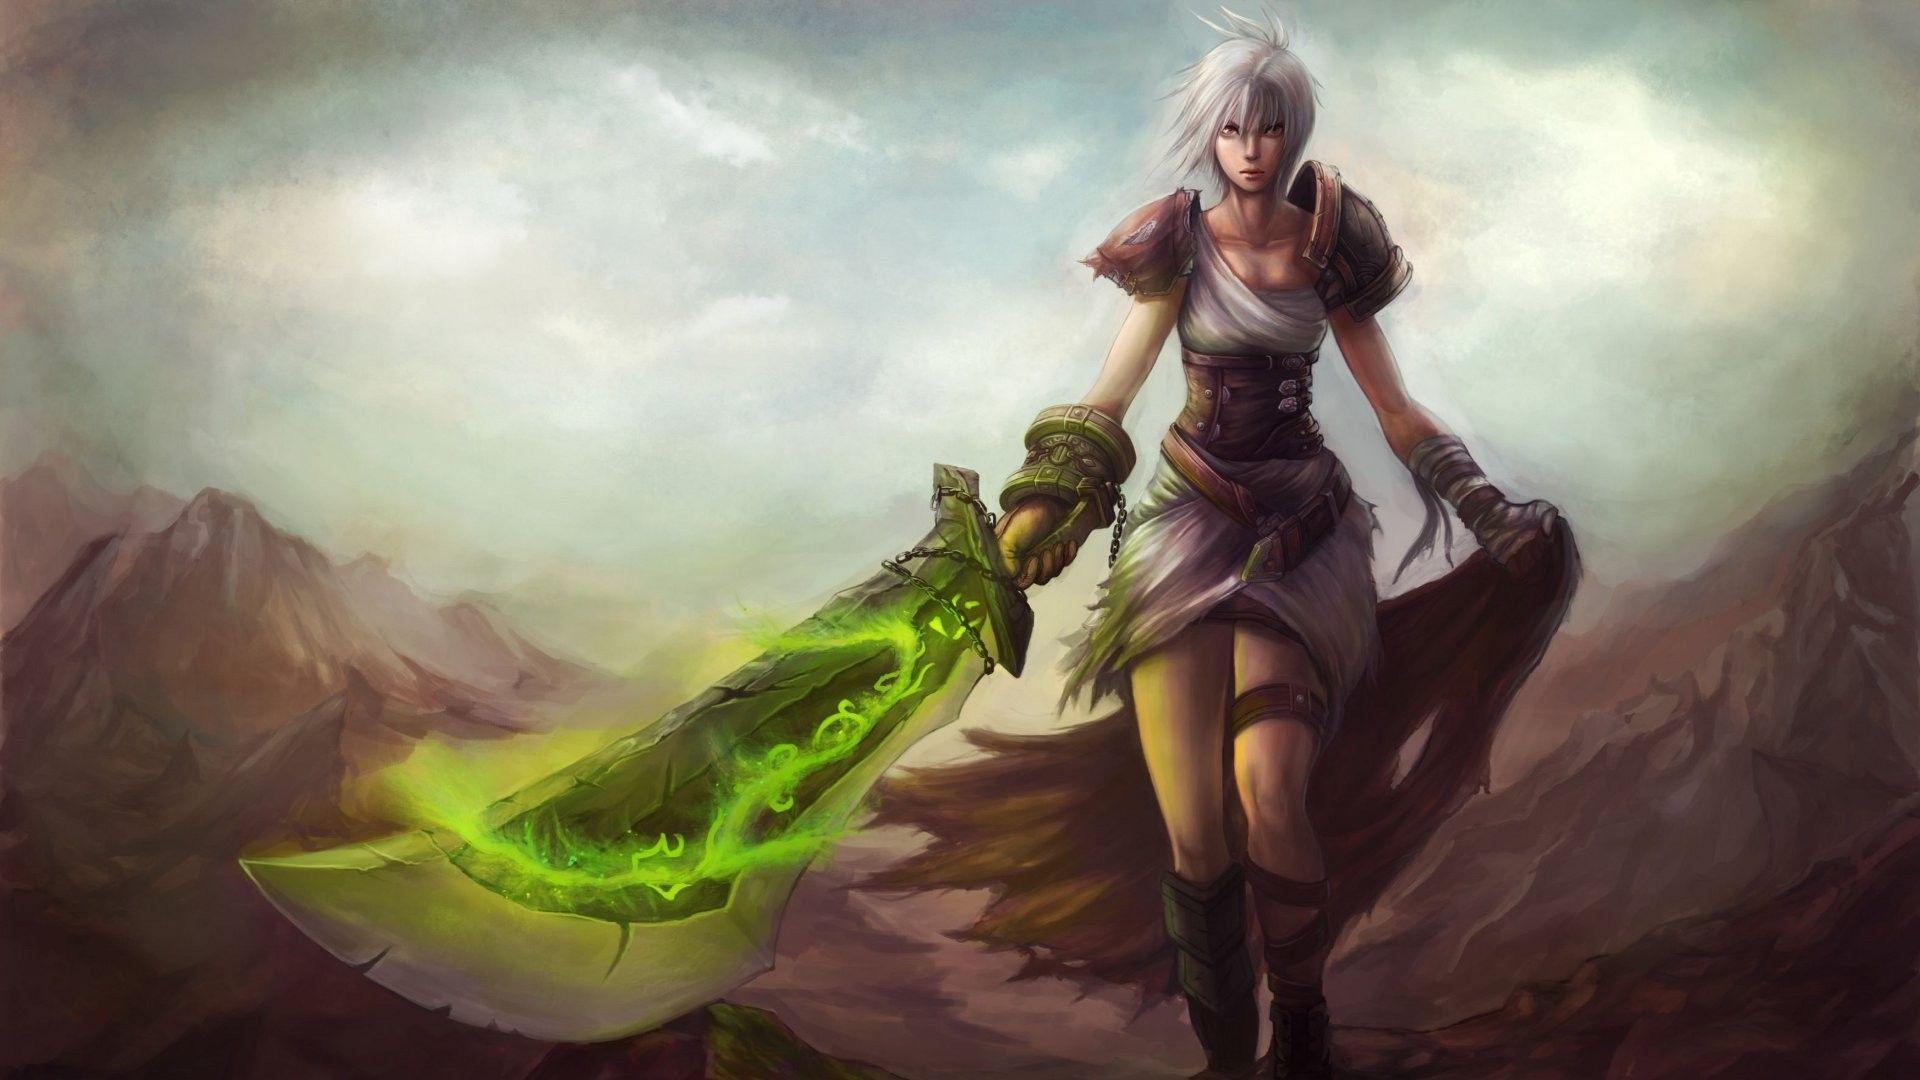 Riven Wallpaper League Of Legends Anime Warrior Art Inspiration